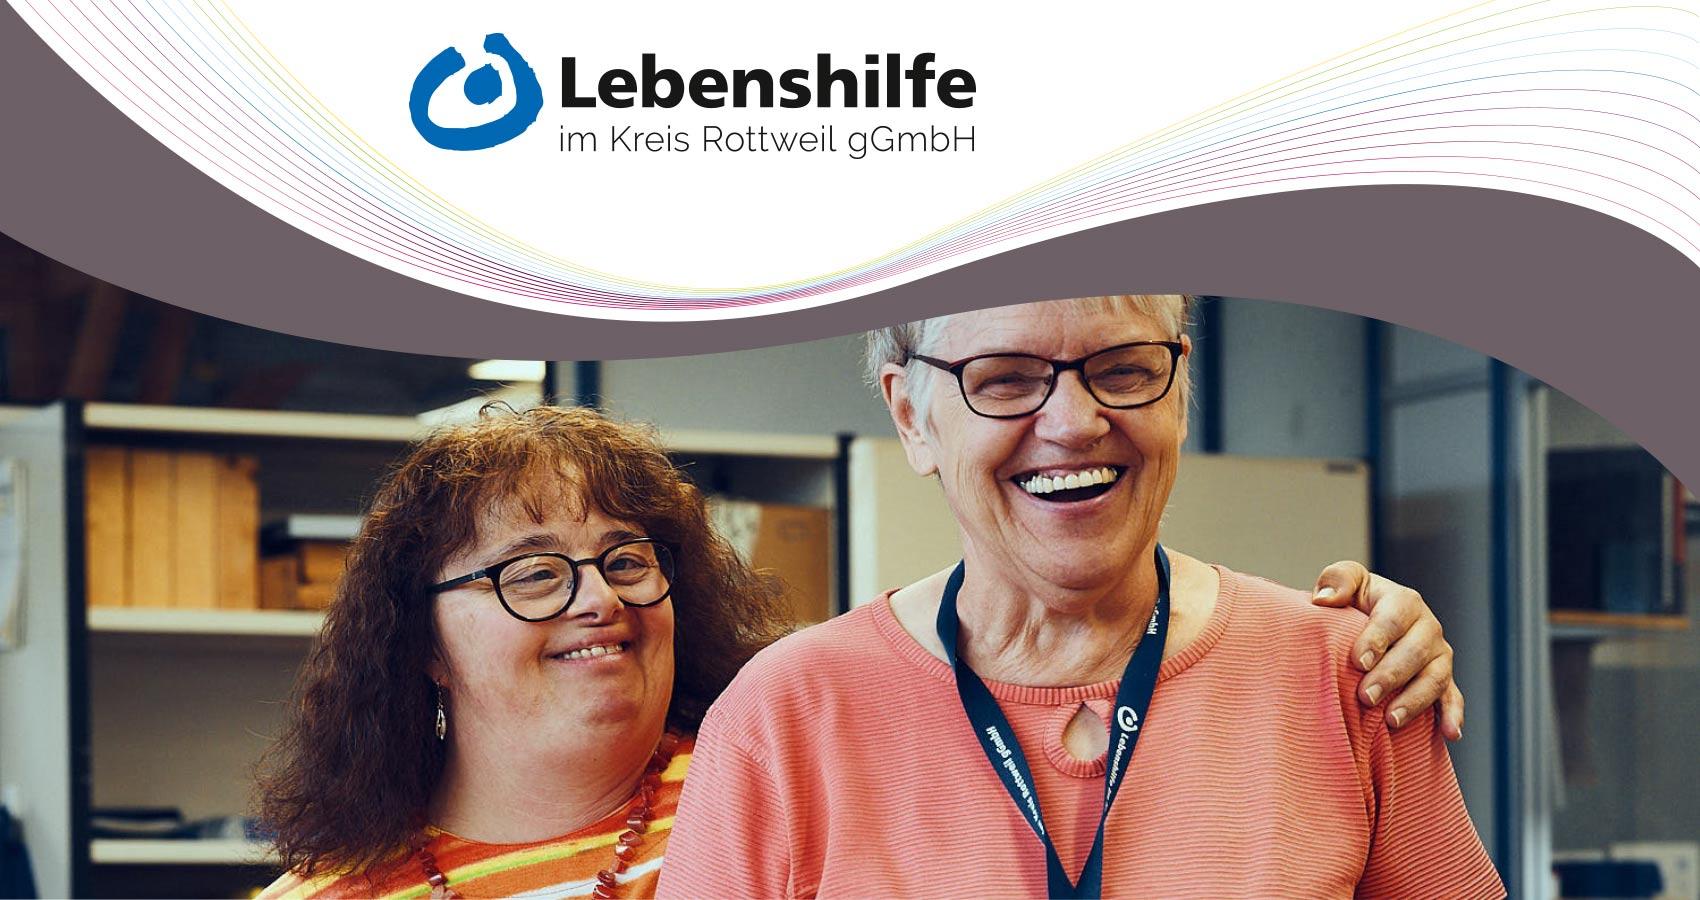 Lebenshilfe im Kreis Rottweil gGmbH - Spenden